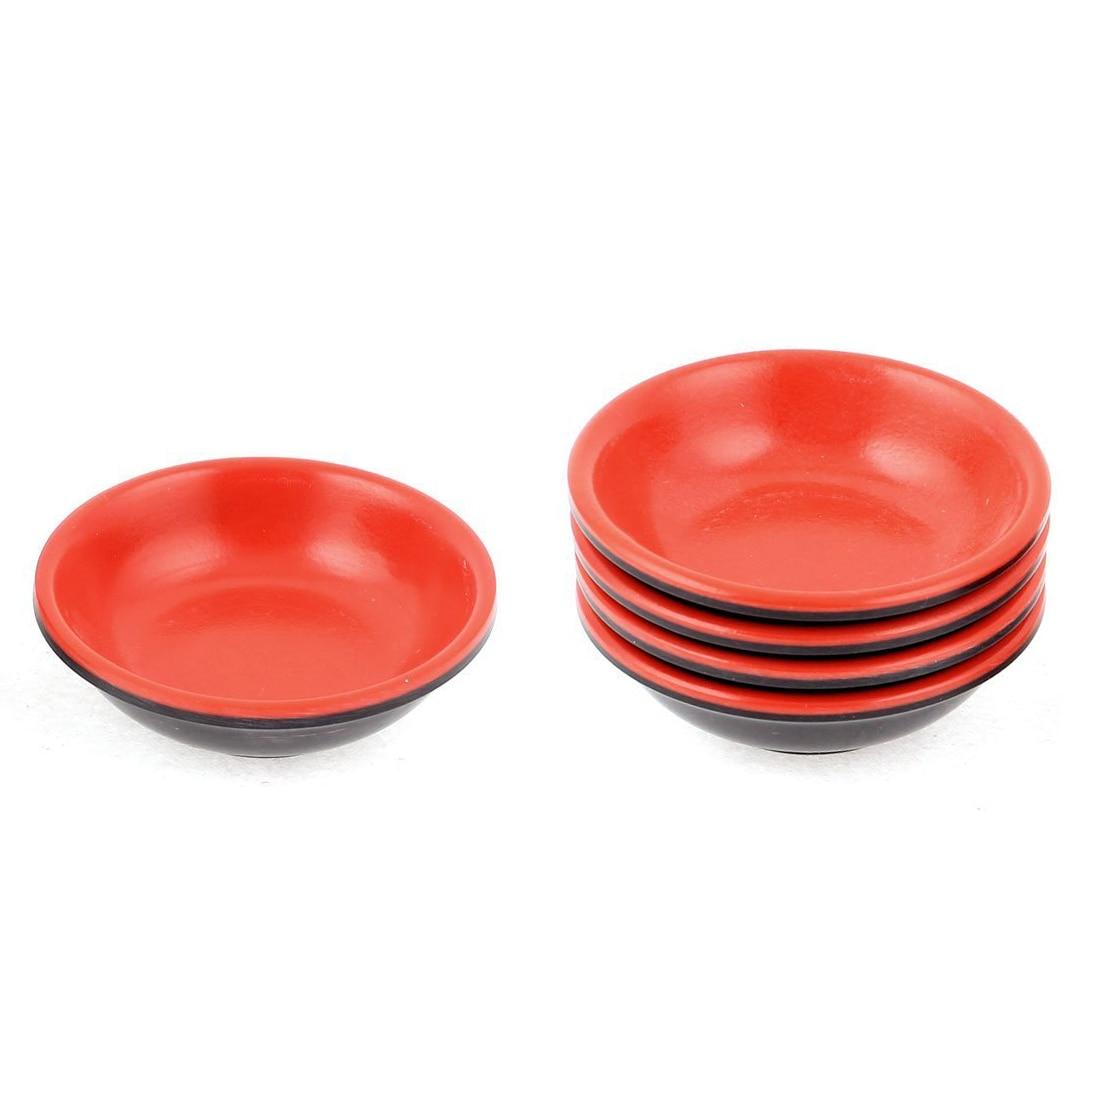 Бытовые Пластик круглый соевый соус погружения Bowl красные, черные 7 см диаметром 5 шт.